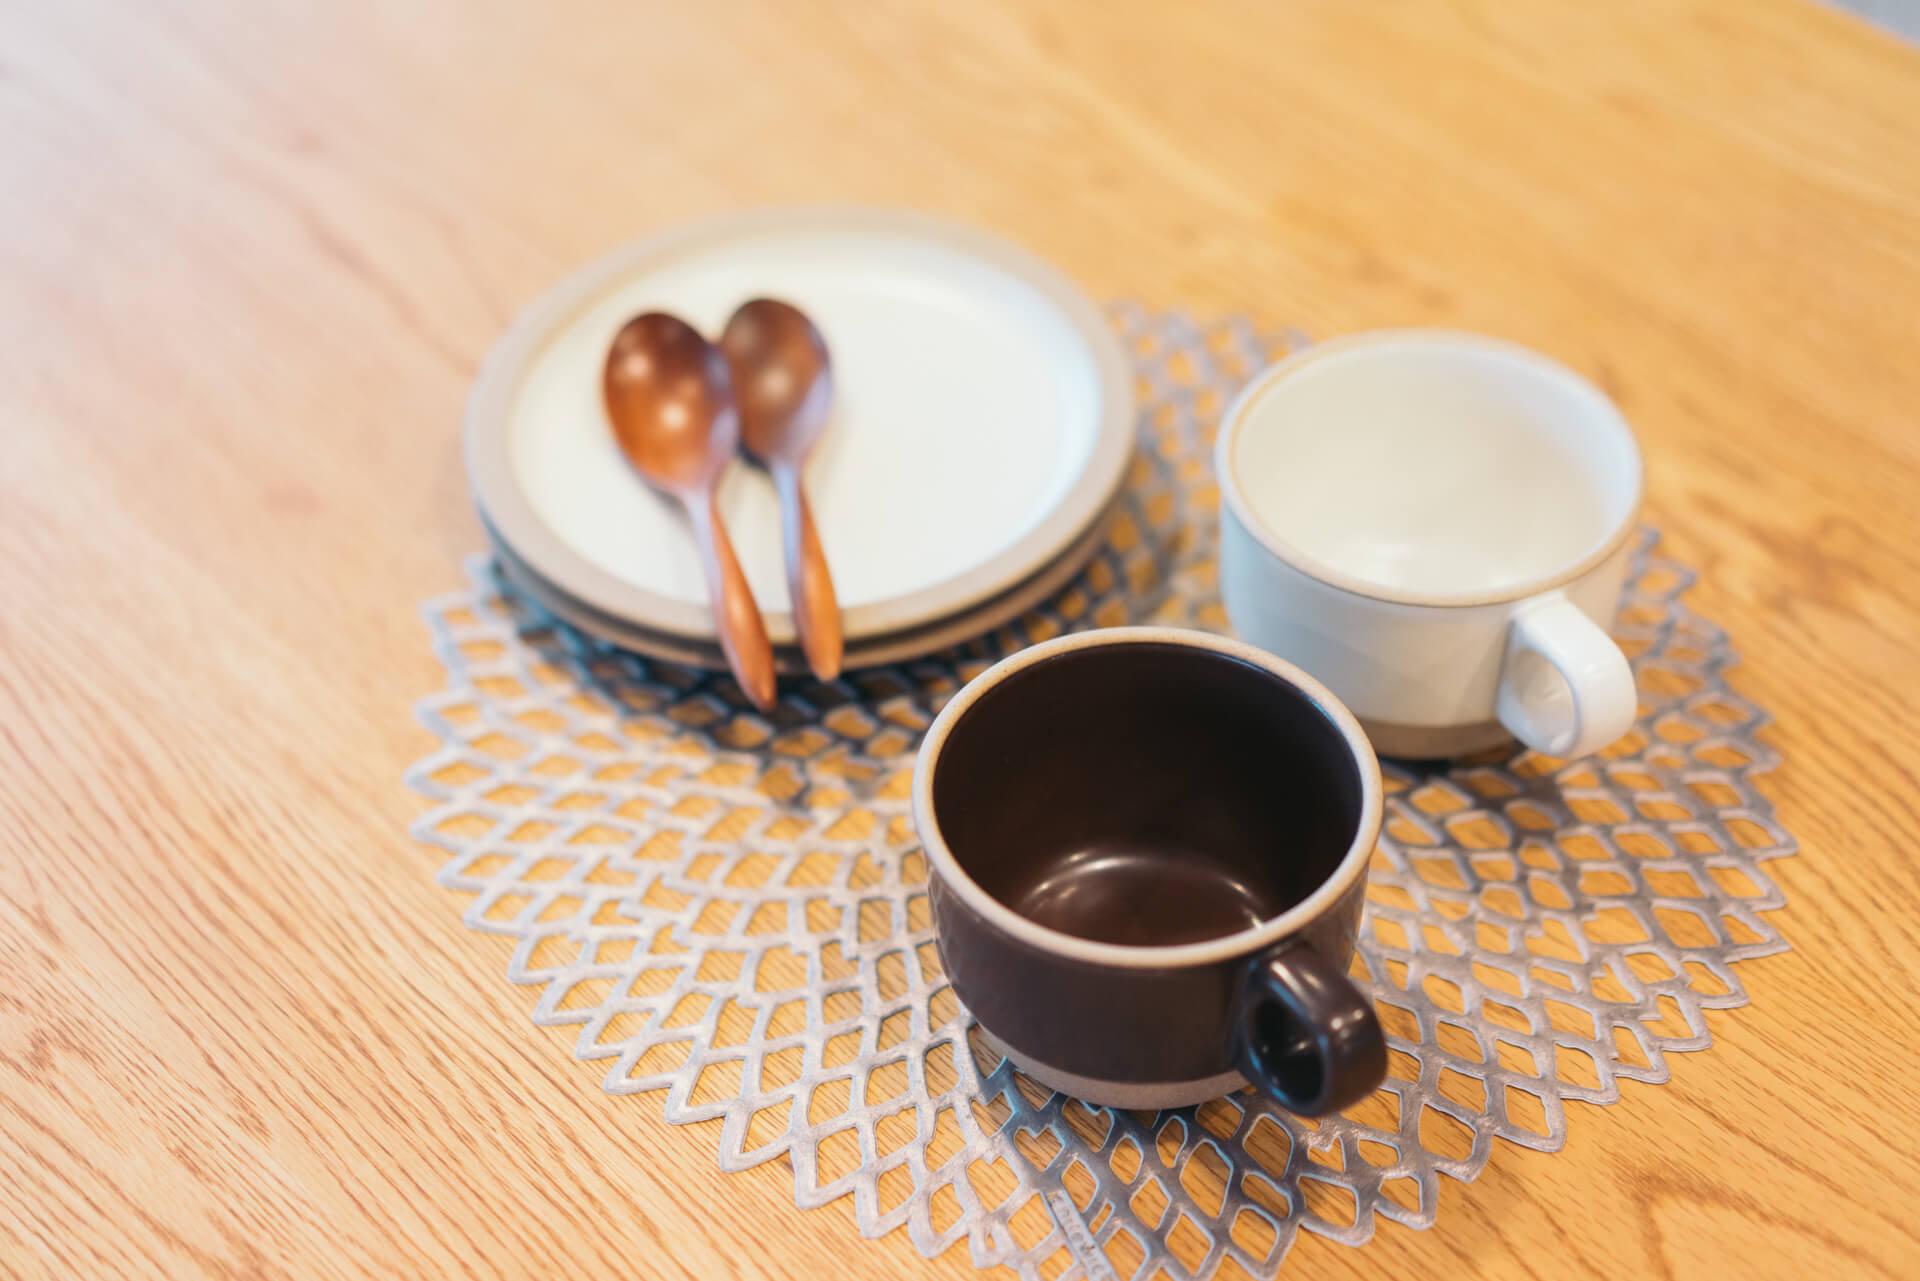 スープを入れるときに重宝しているというKINTO Ceramic lab. のカップ。素朴な色合いが可愛らしいです。